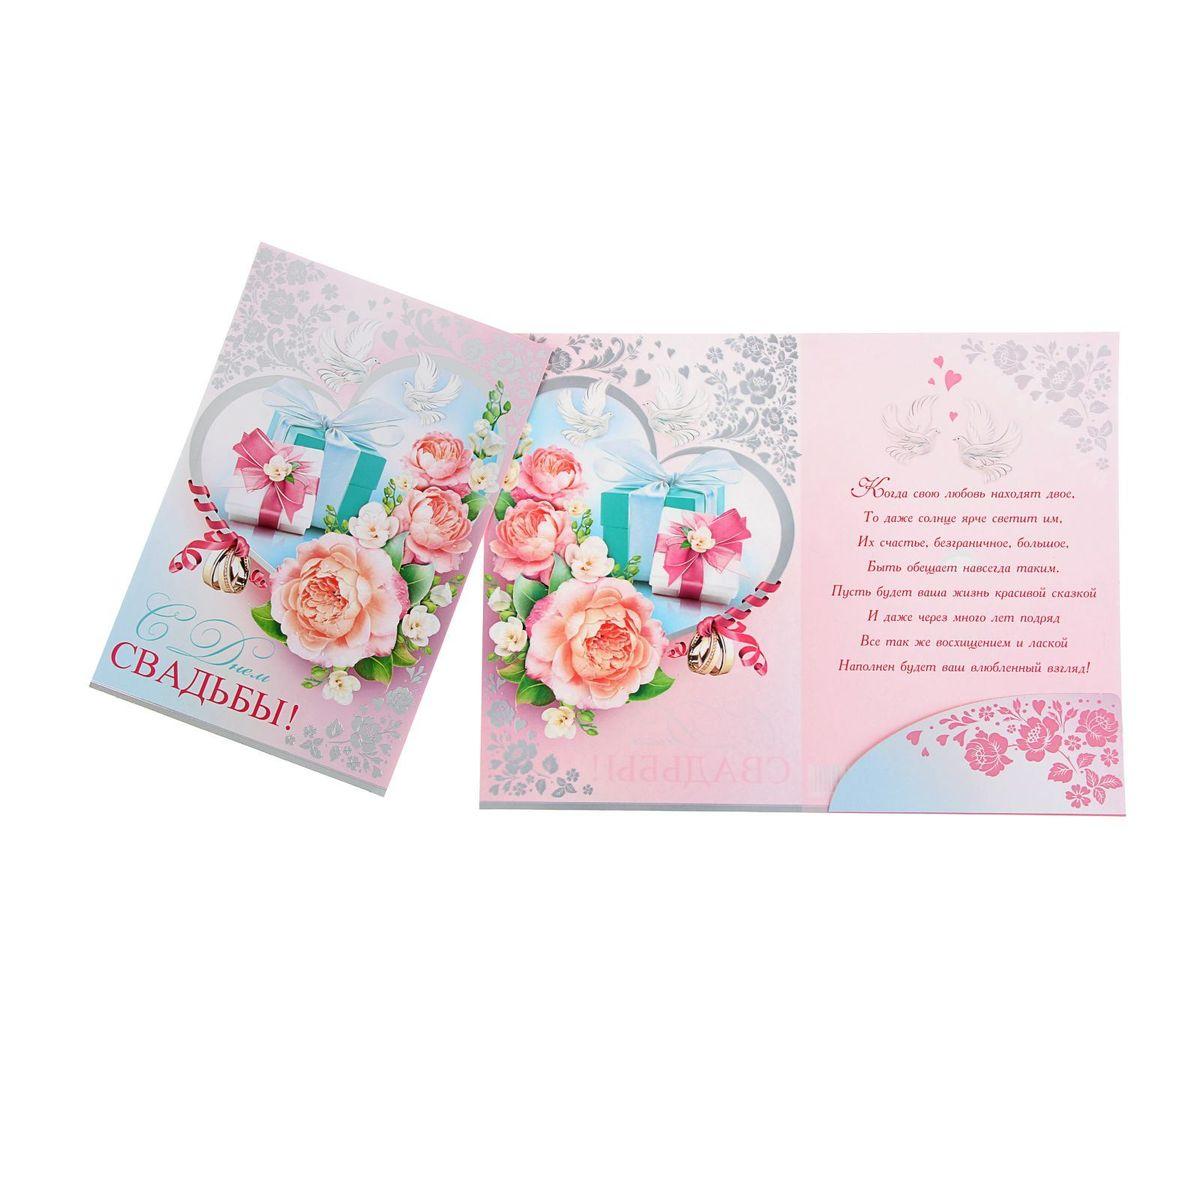 Открытка Мир открыток С Днем свадьбы! Цветы и подарки